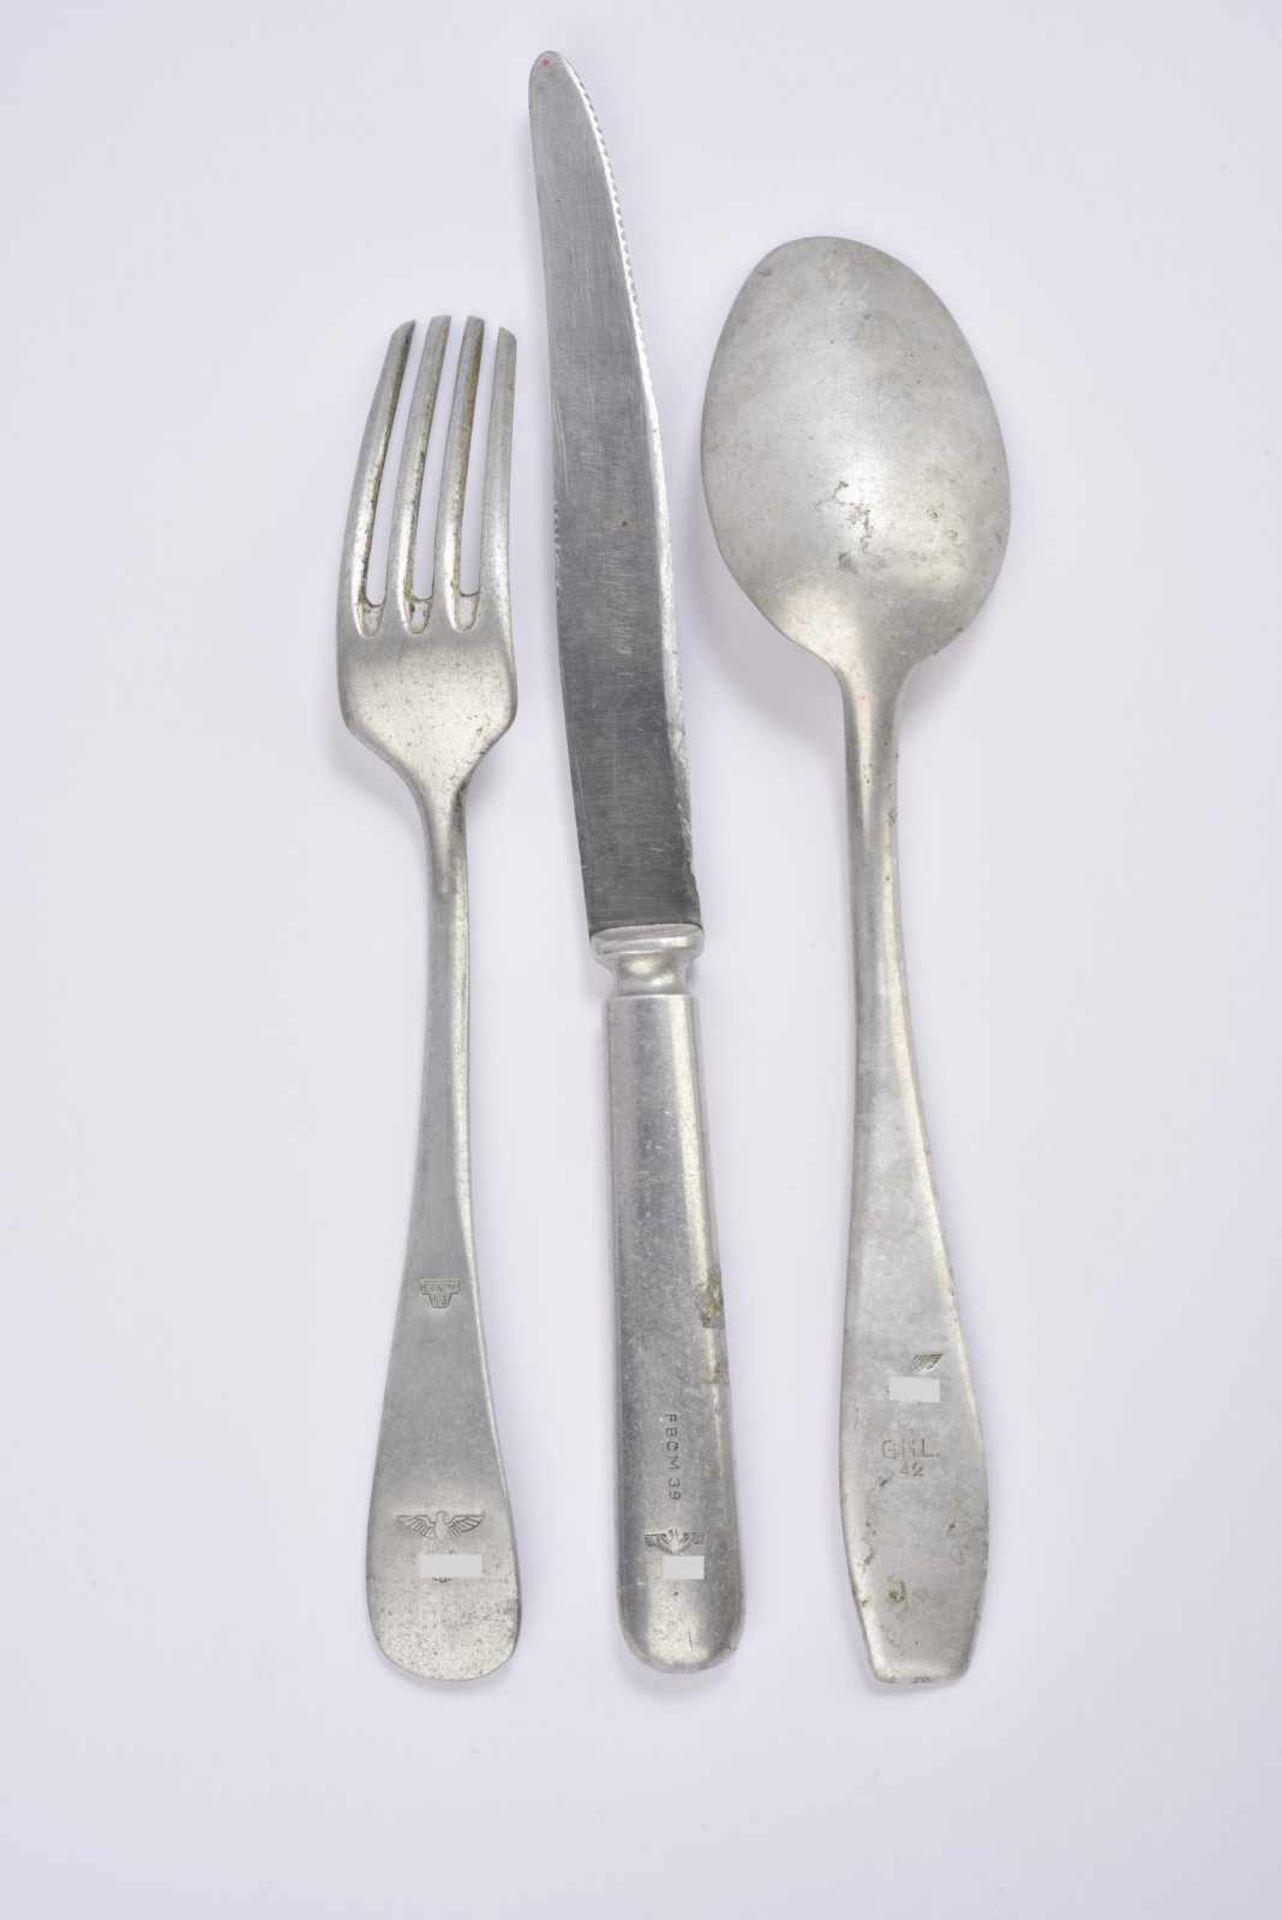 Ensemble de couverts de la Heer comprenant une fourchette en métal datée 43. Une cuillère en métal